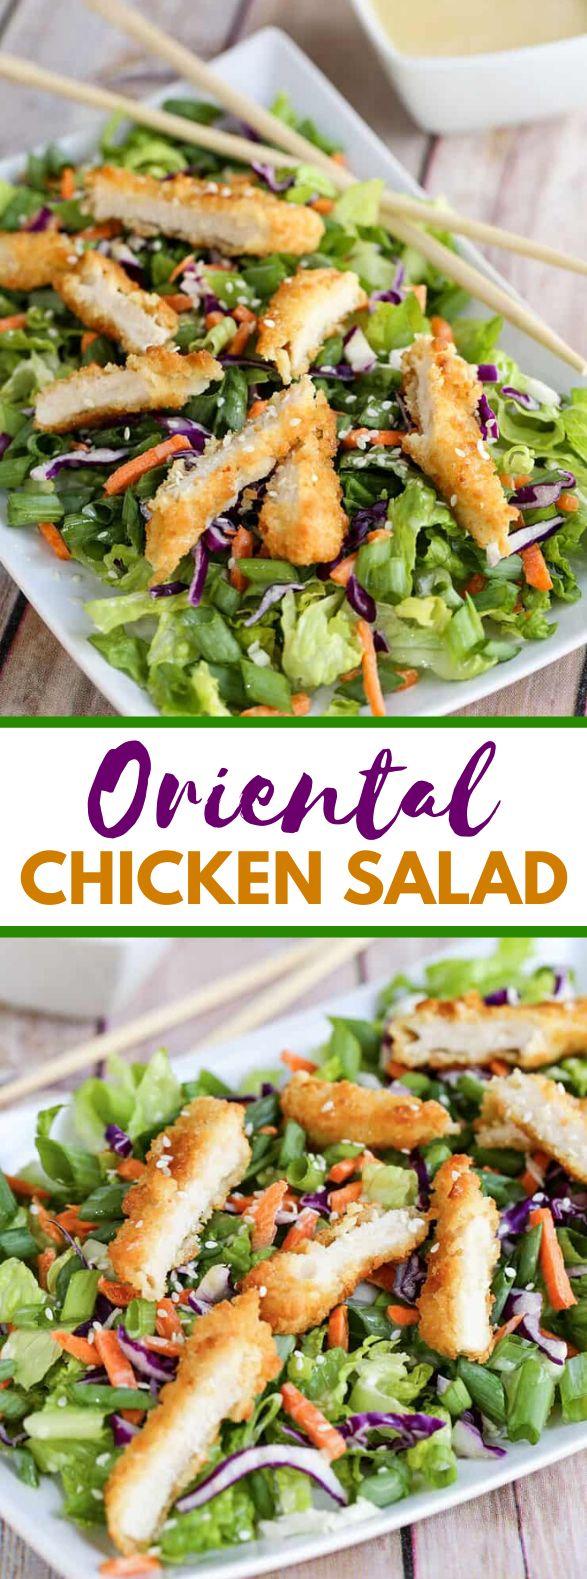 Oriental Chicken Salad #healthy #homemade #chickensalad #salad #diet  Oriental Chicken Salad #healthy #homemade #chickensalad #salad #diet  #CHICKEN #chickensalad #Diet #Healthy #Homemade #Oriental #Salad